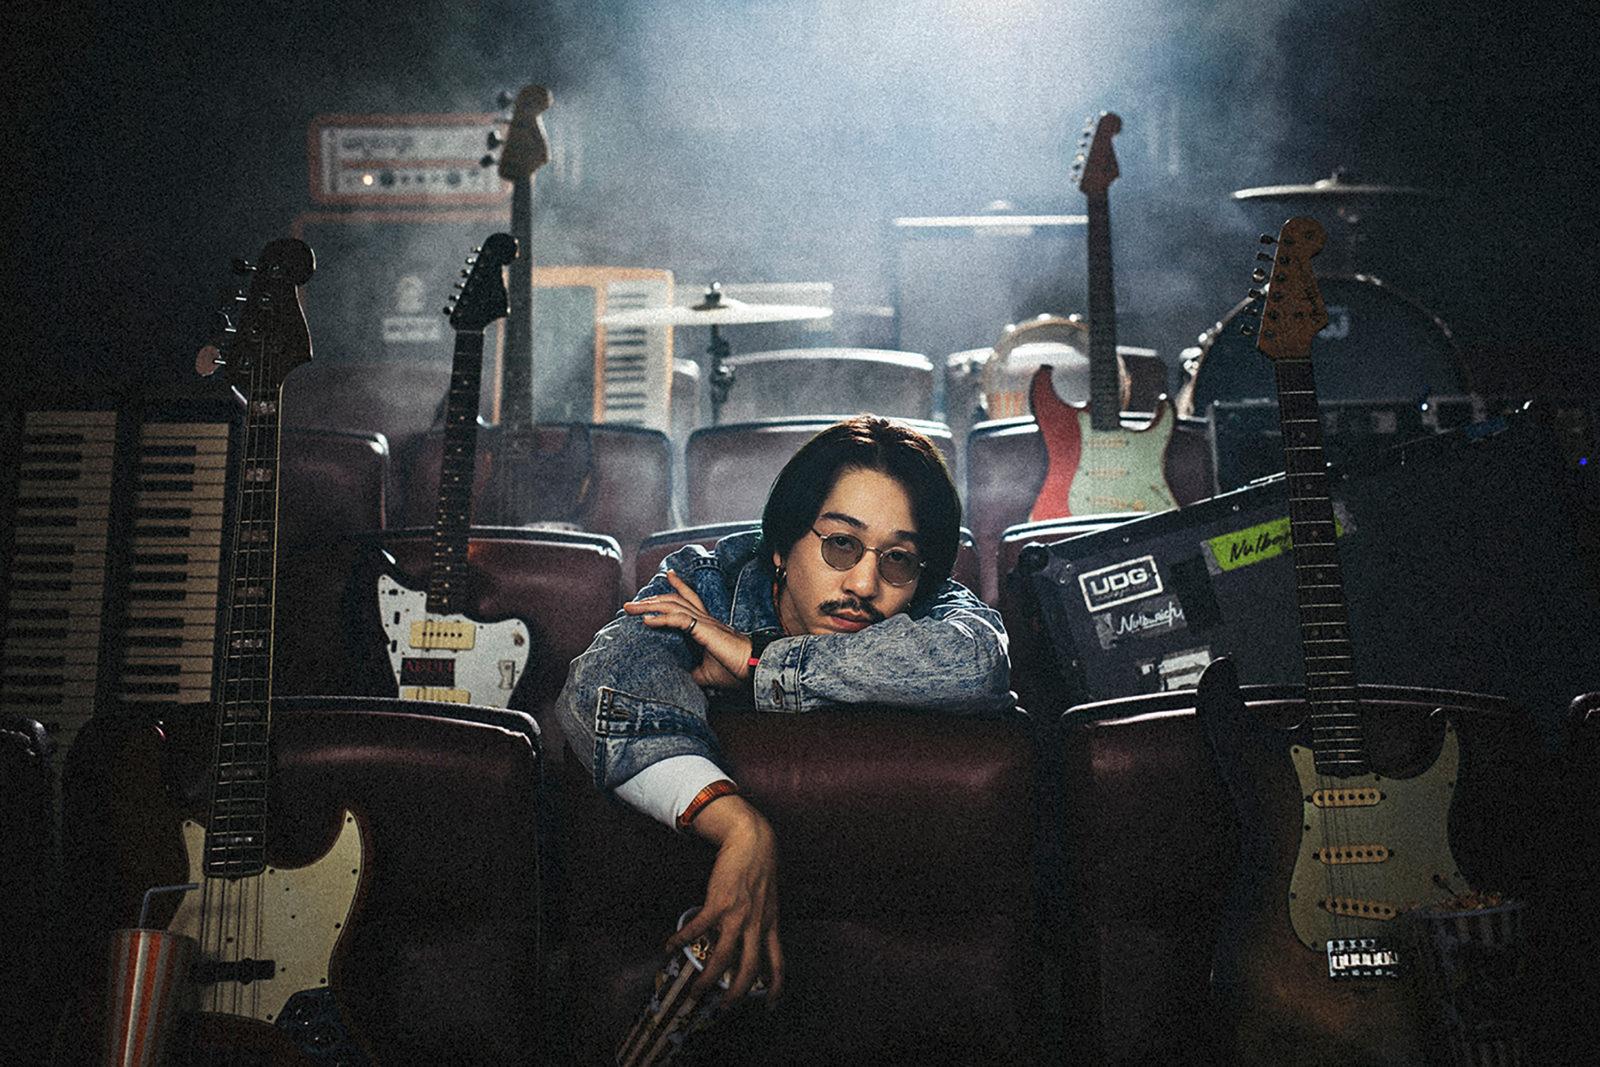 Nulbarich、新章を告げるニューシングル「LUCK」がメルセデス・ベンツCM楽曲にサムネイル画像